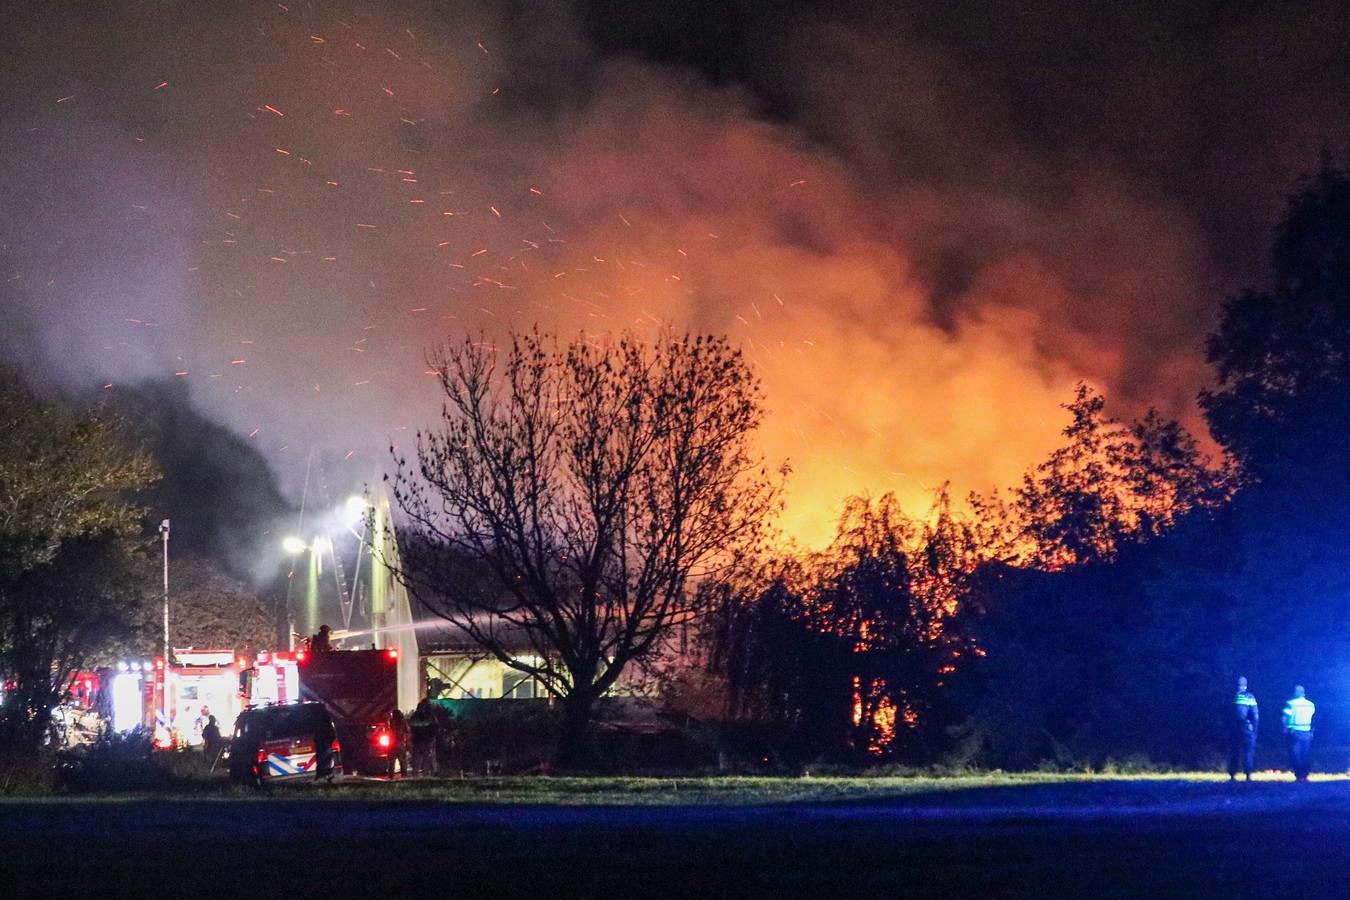 De vlammen van de stalbrand waren in de wijde omgeving te zien.